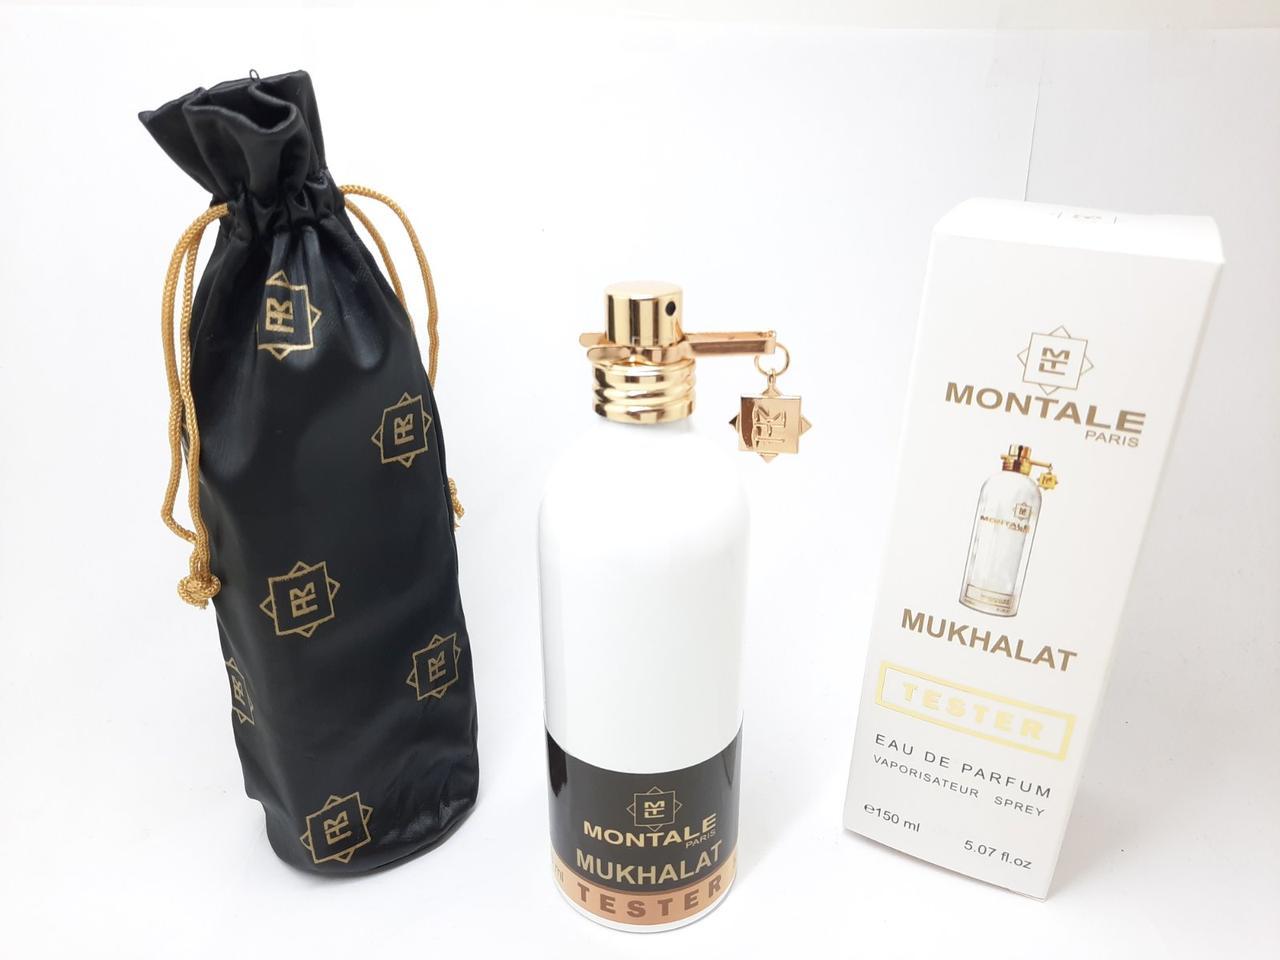 Тестер парфюмированой воды унисекс Мontale Mukhallat MONTALE (Монталь Мукхалат) 150 мл